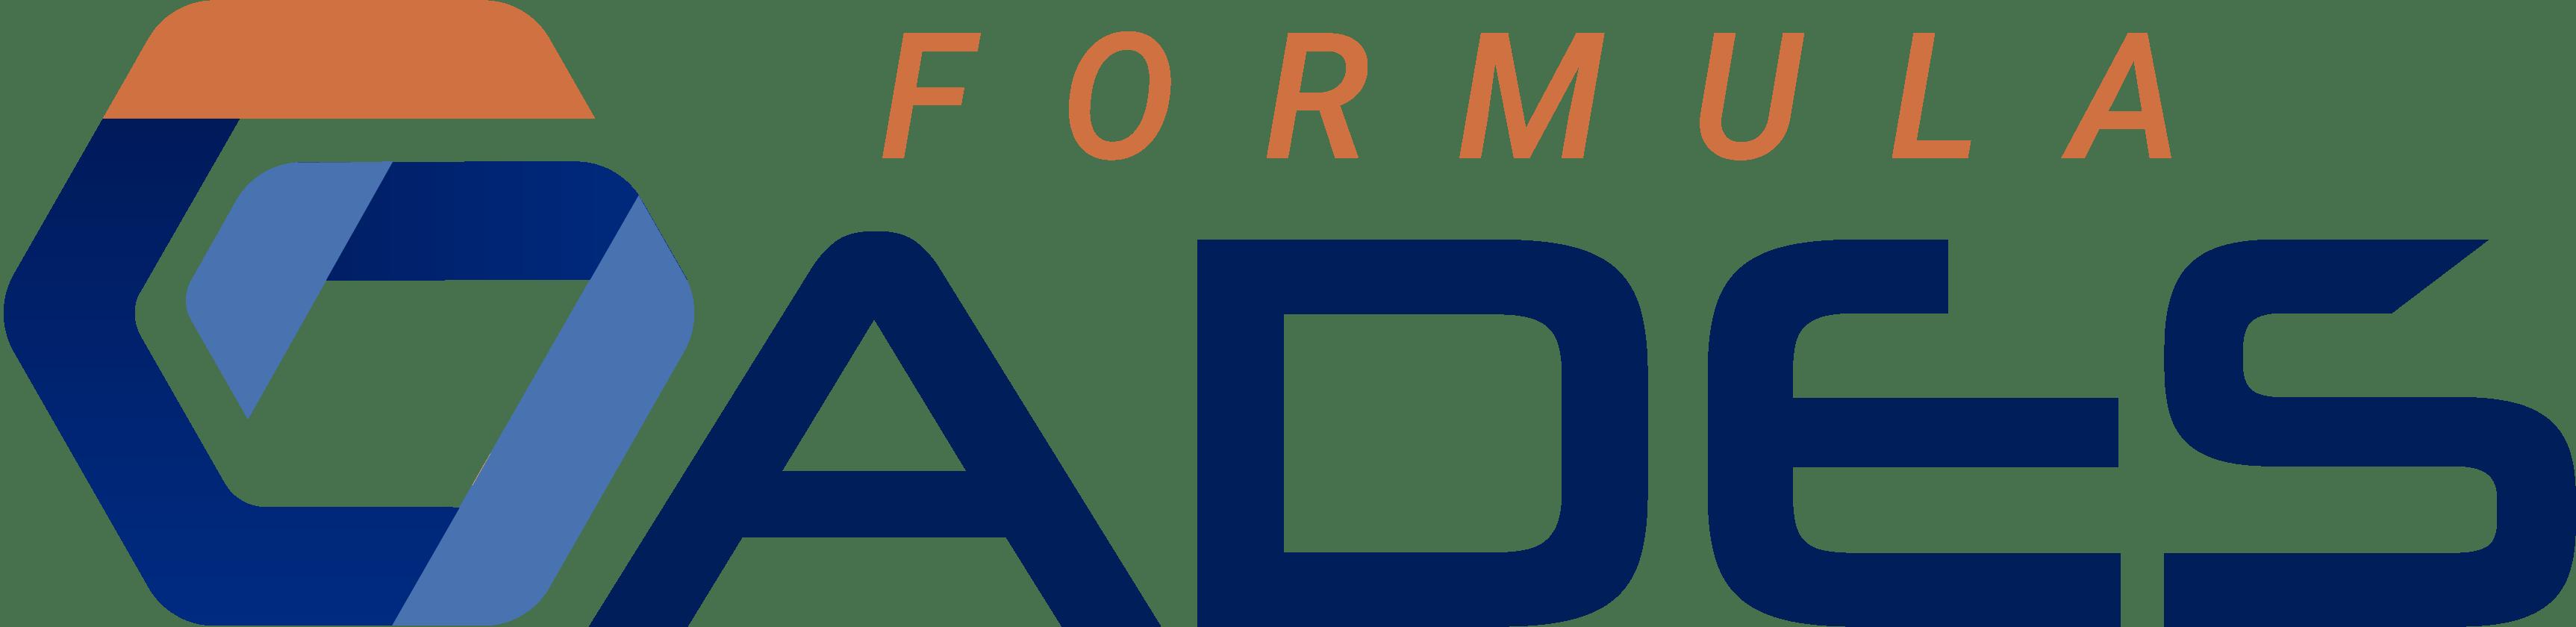 Logo de Fórmula Gades